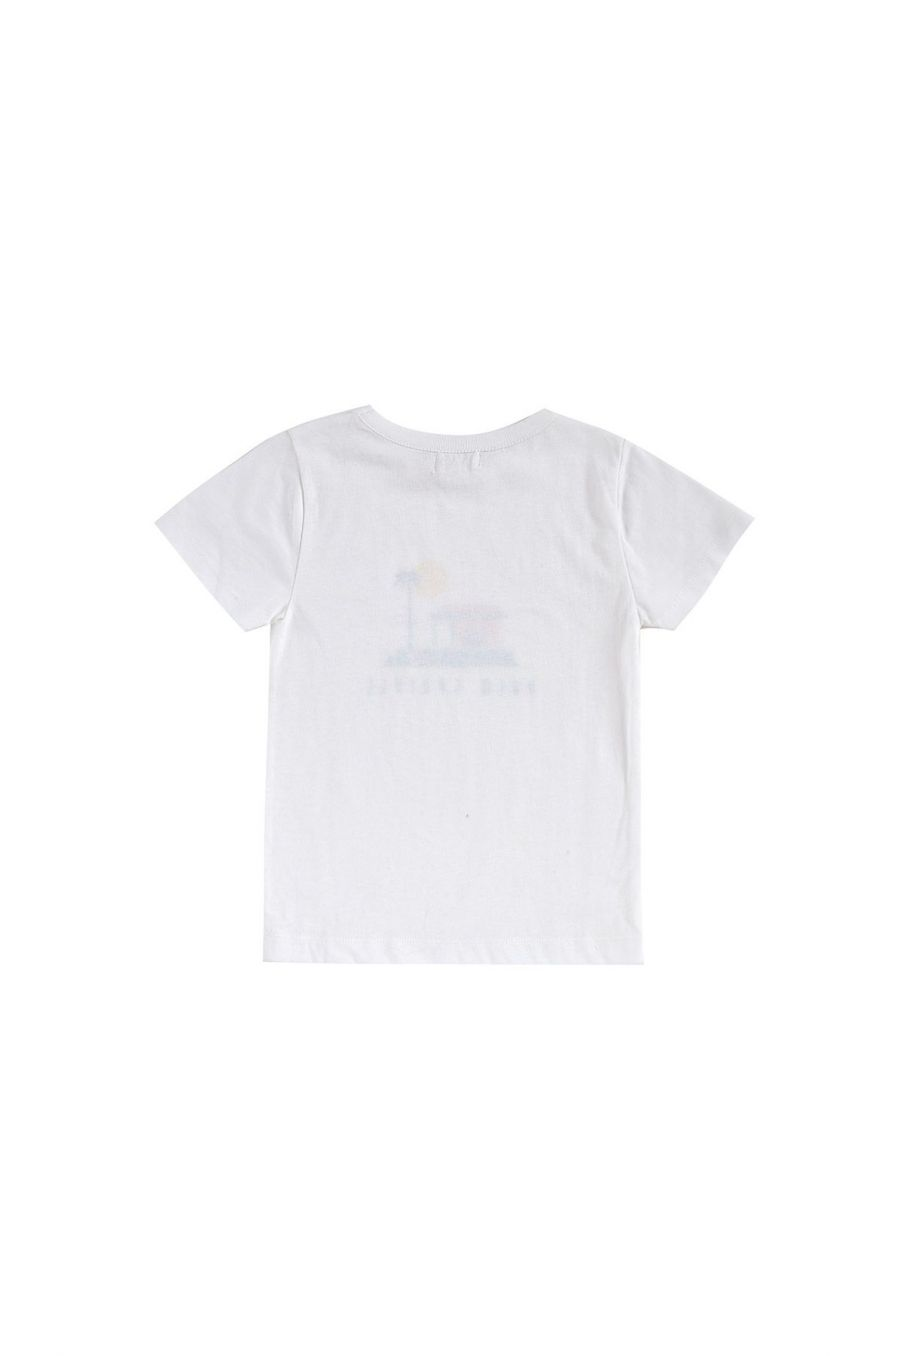 boheme chic vintage t-shirt garcon atayo crème